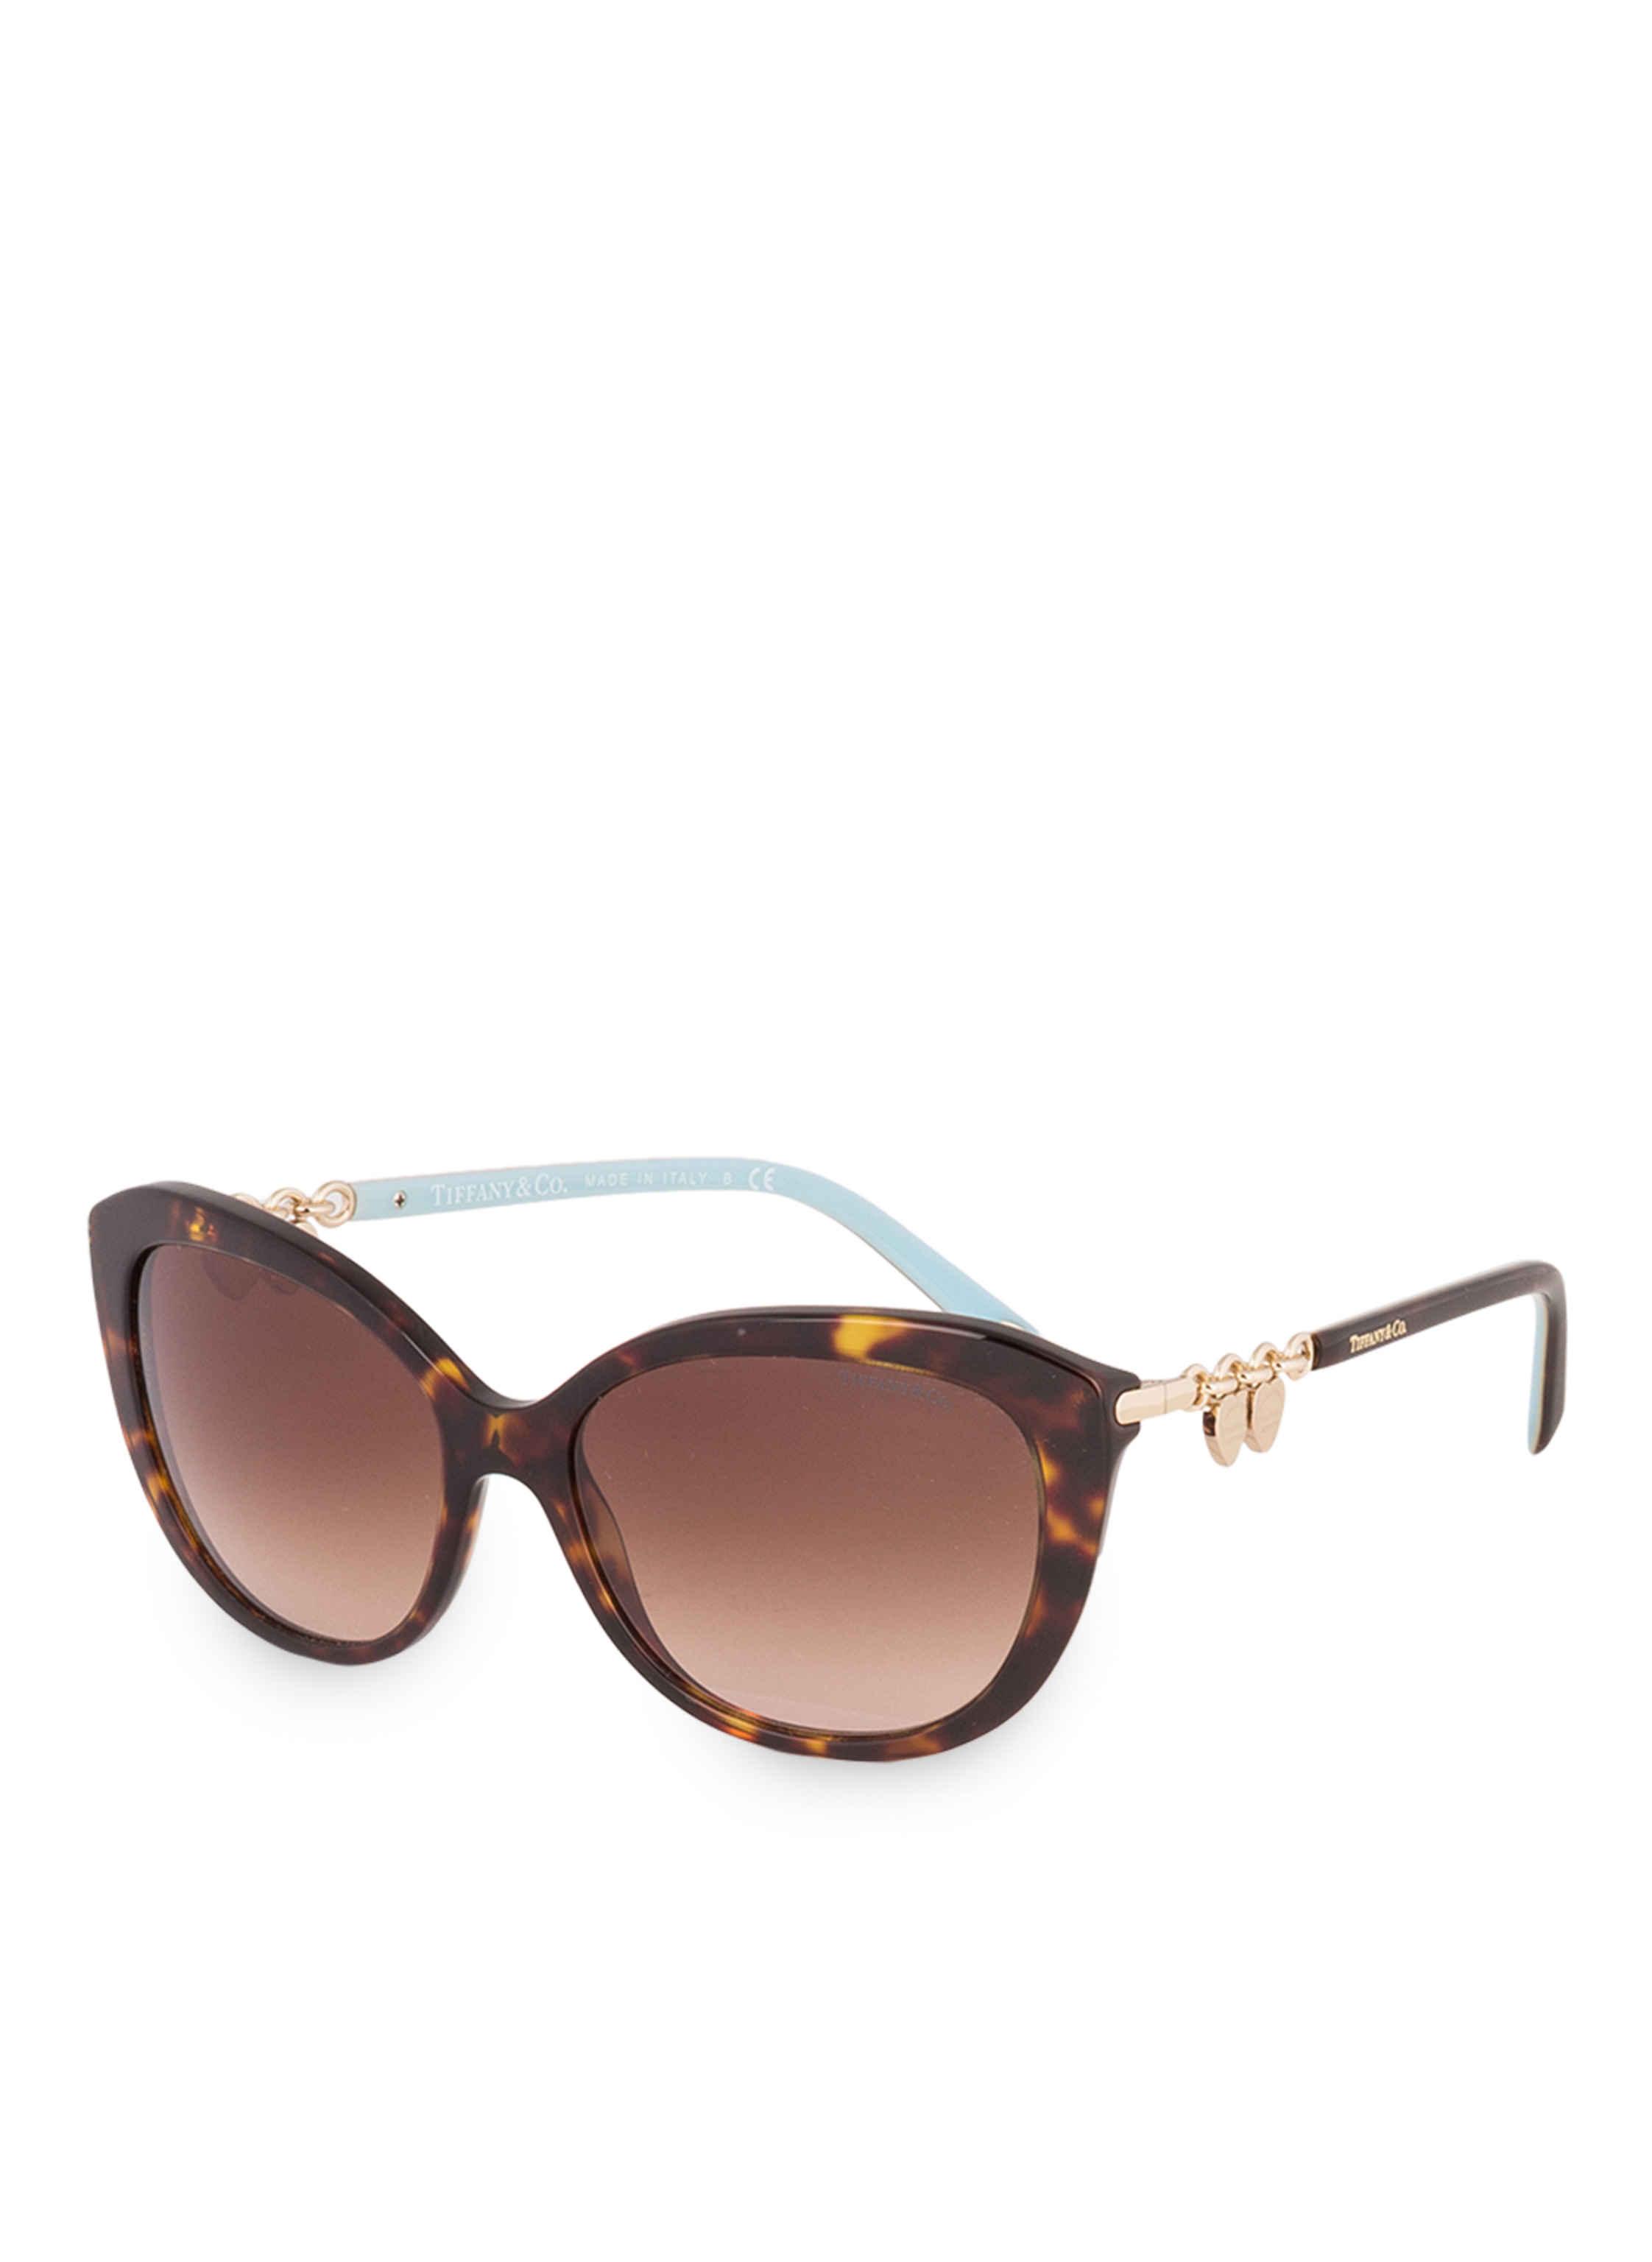 Sonnenbrille TF 4130 von TIFFANY & CO bei Breuninger kaufen